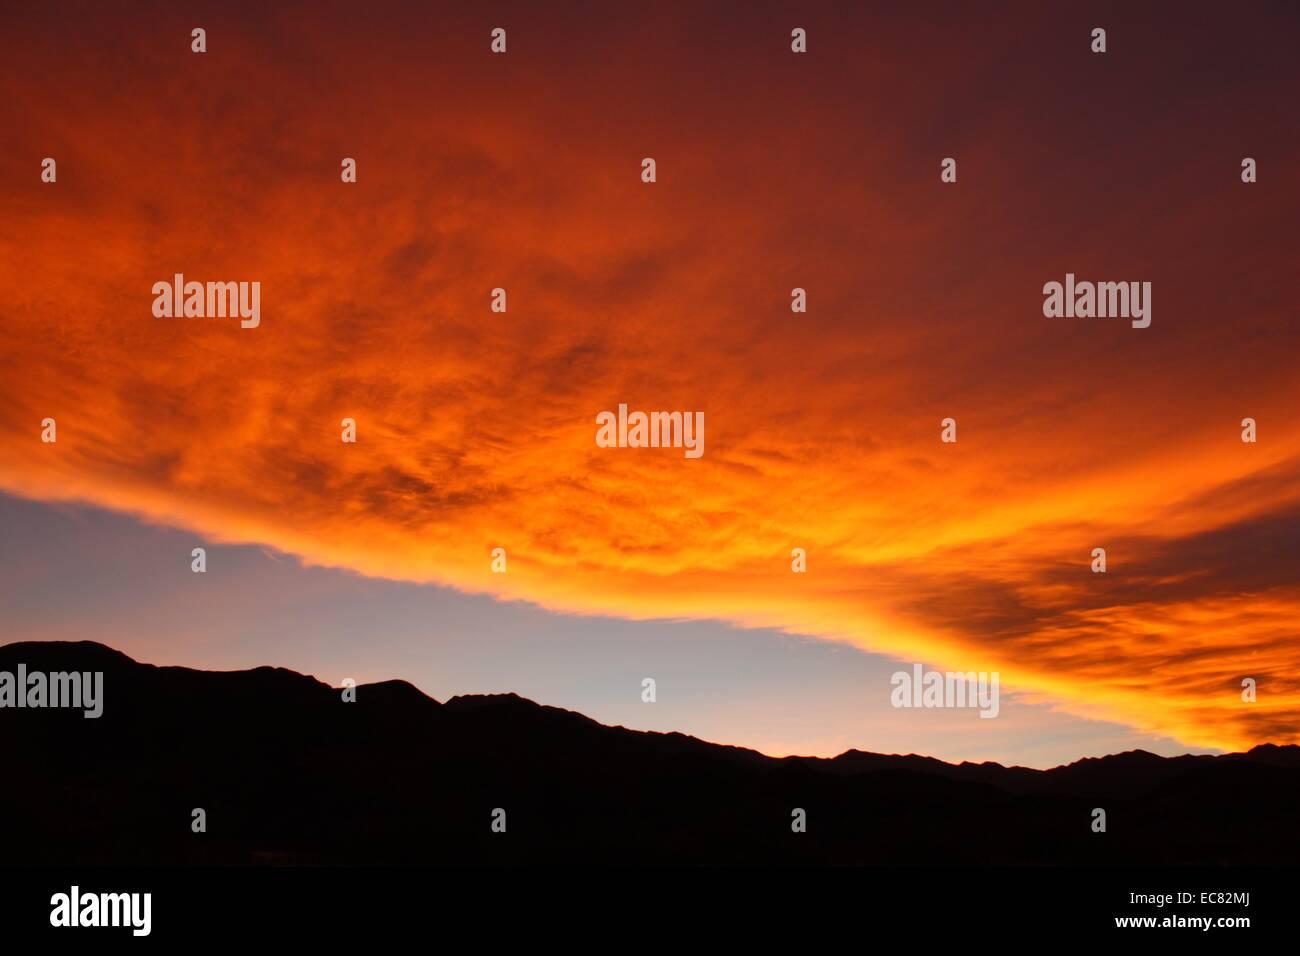 Sunset orange - Stock Image